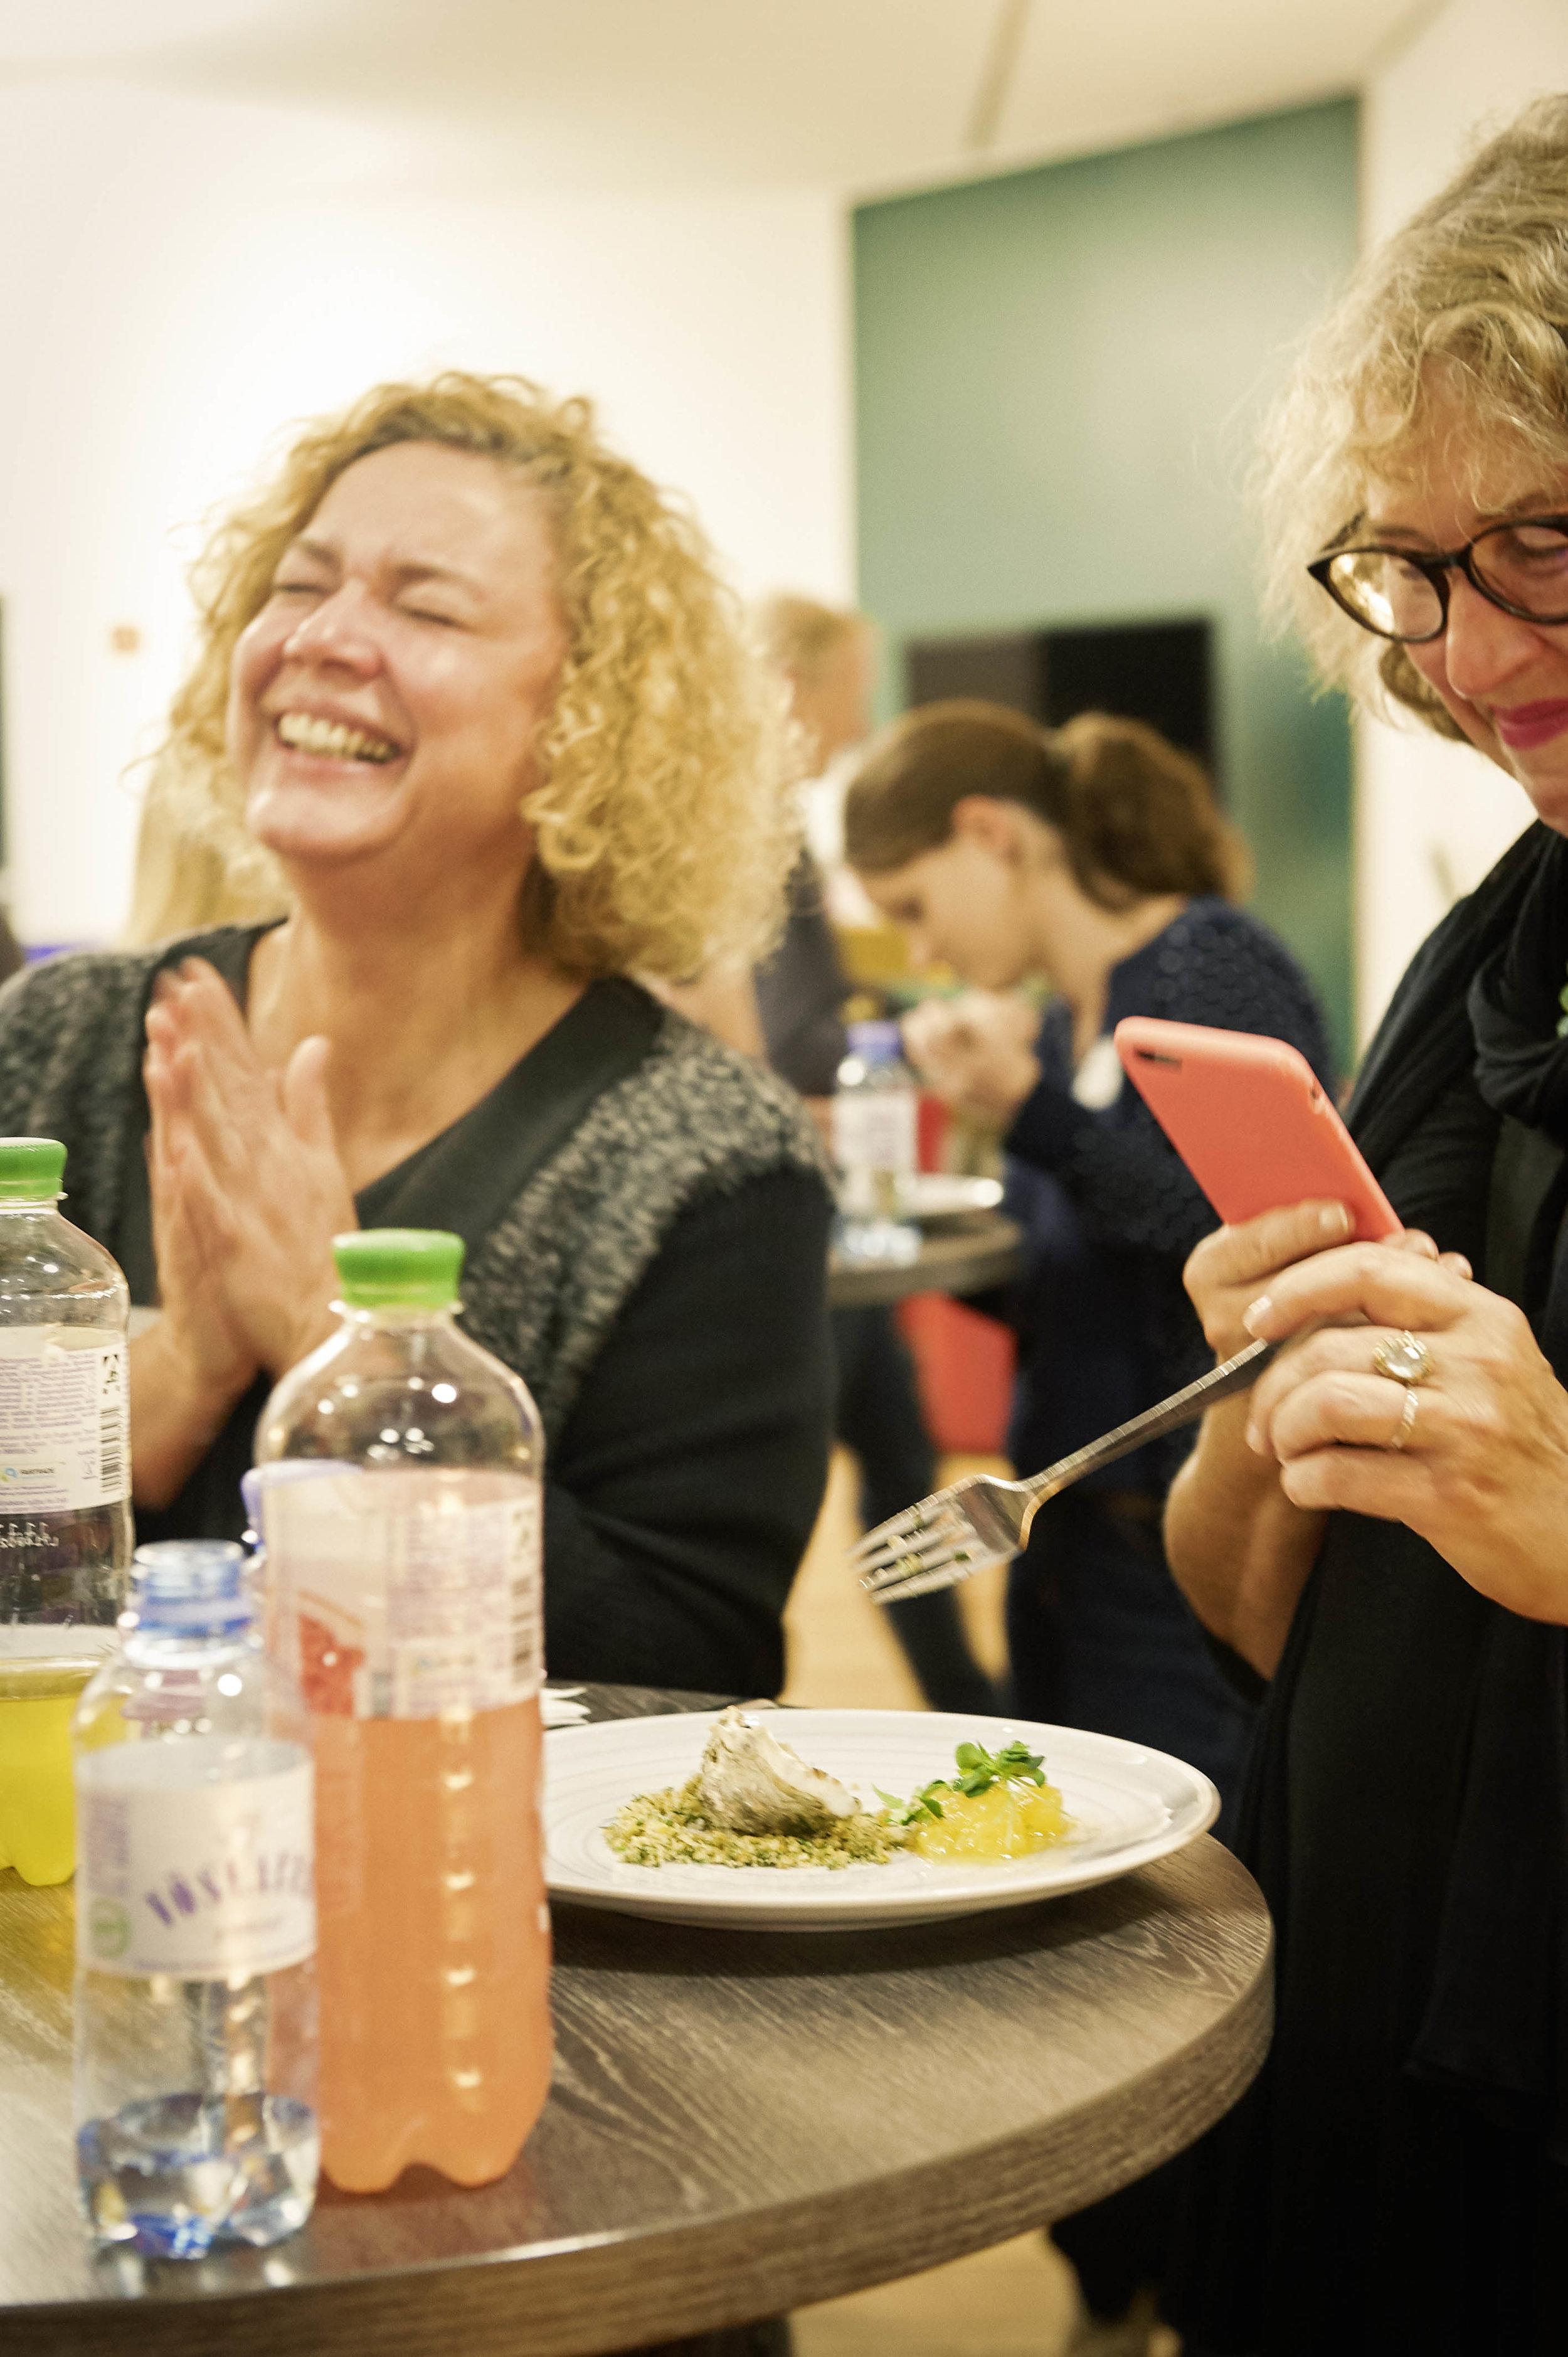 Food_Blog_Meet_Berlin_185 copy.jpg